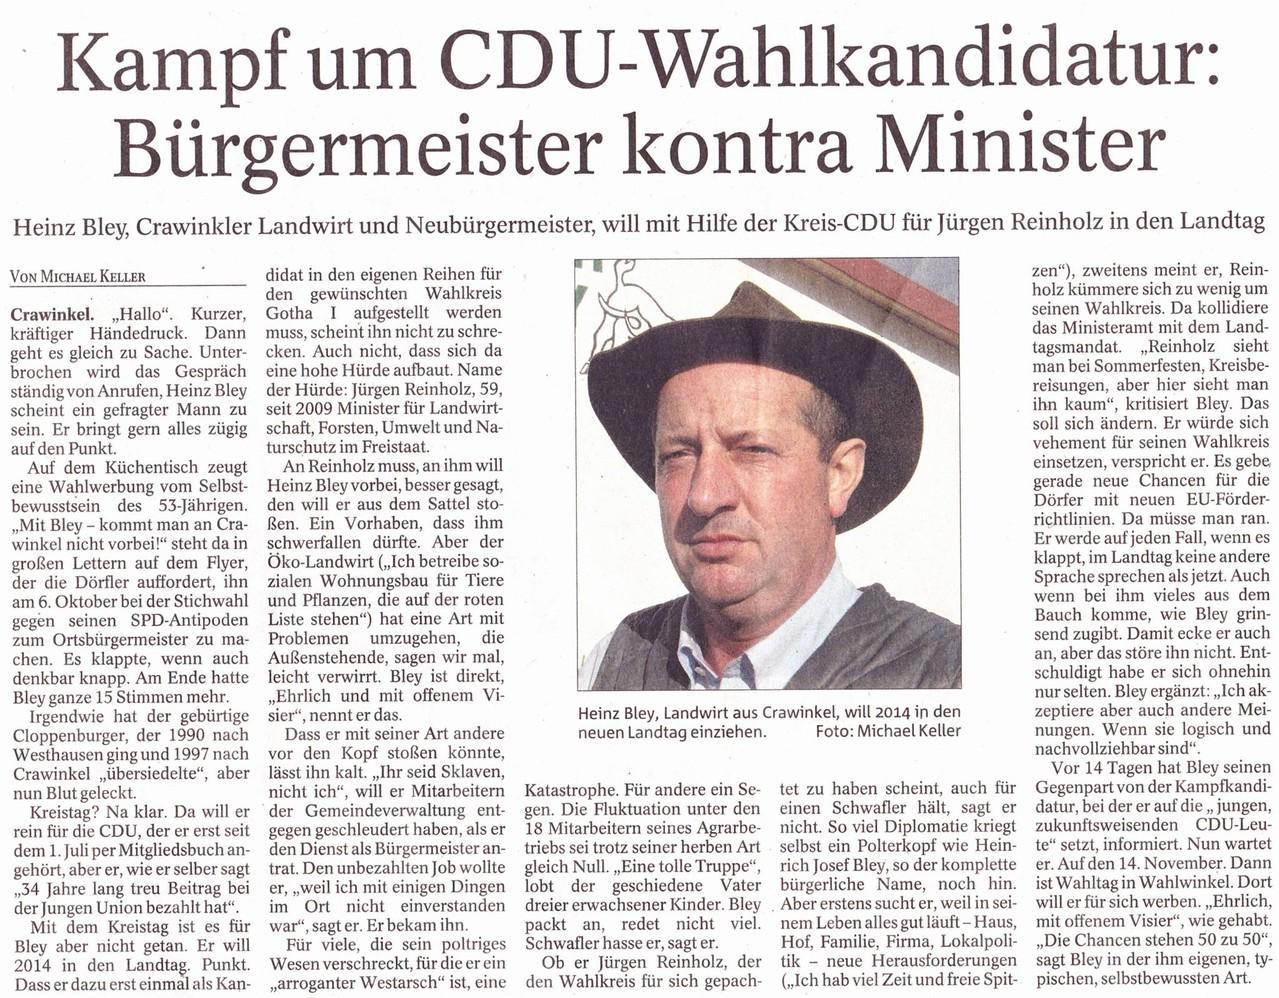 Heinz Bley will sich für die Landtagswahlkandidatur nominieren lassen. Leider wird er am 18.11.2013 nicht durch die Mitglieder der CDU gewählt. (Bild: TA)